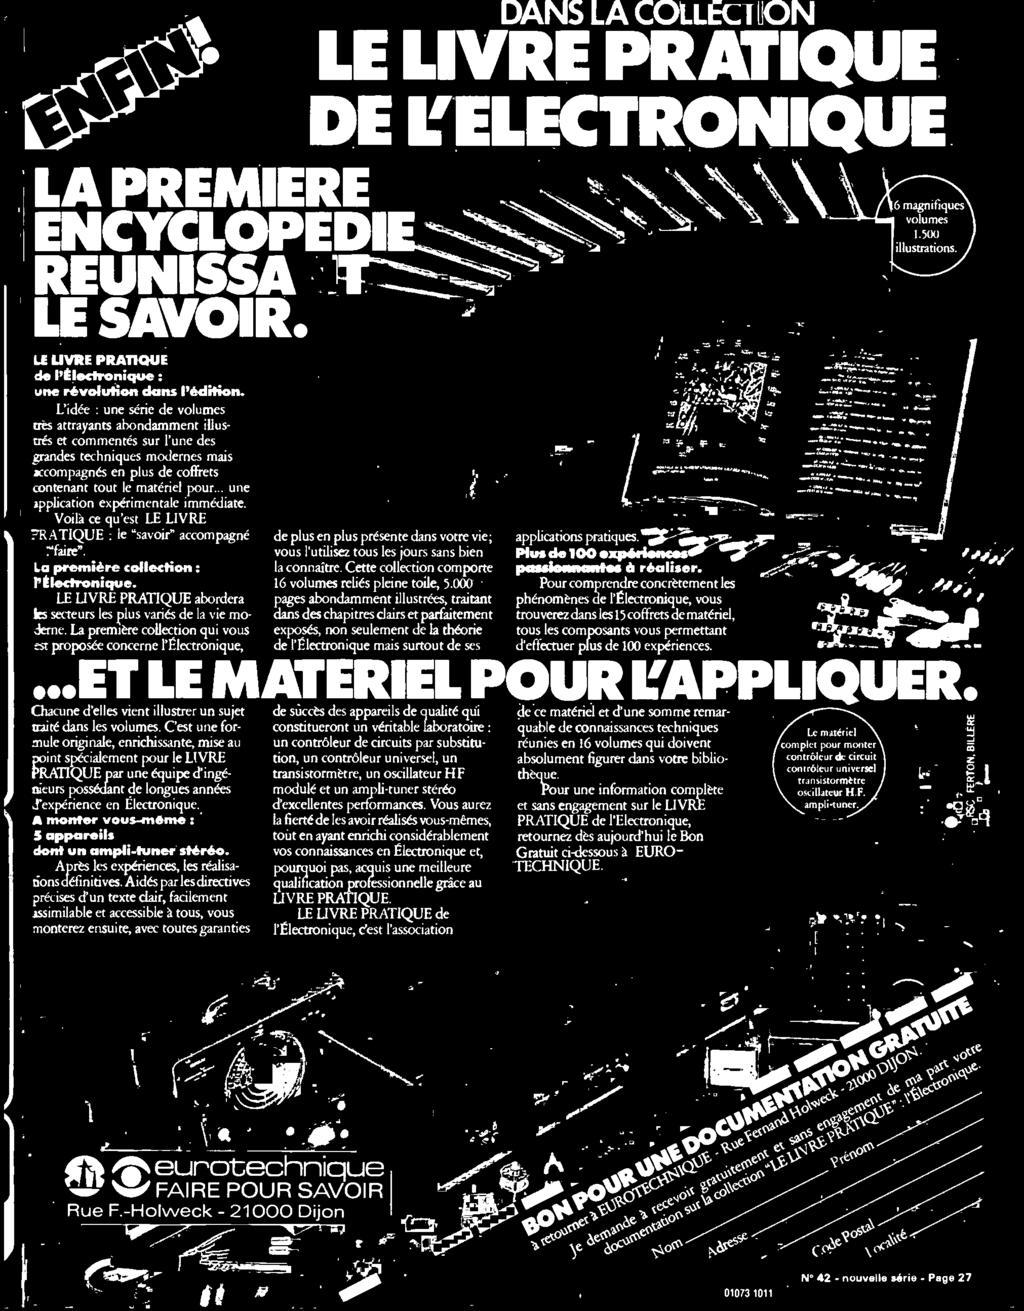 Carte Cadeau Leclerc Génial Rrler Sations Kits Experimentations Nitiation Co Di 1 C Of 32 Nouveau Carte Cadeau Leclerc